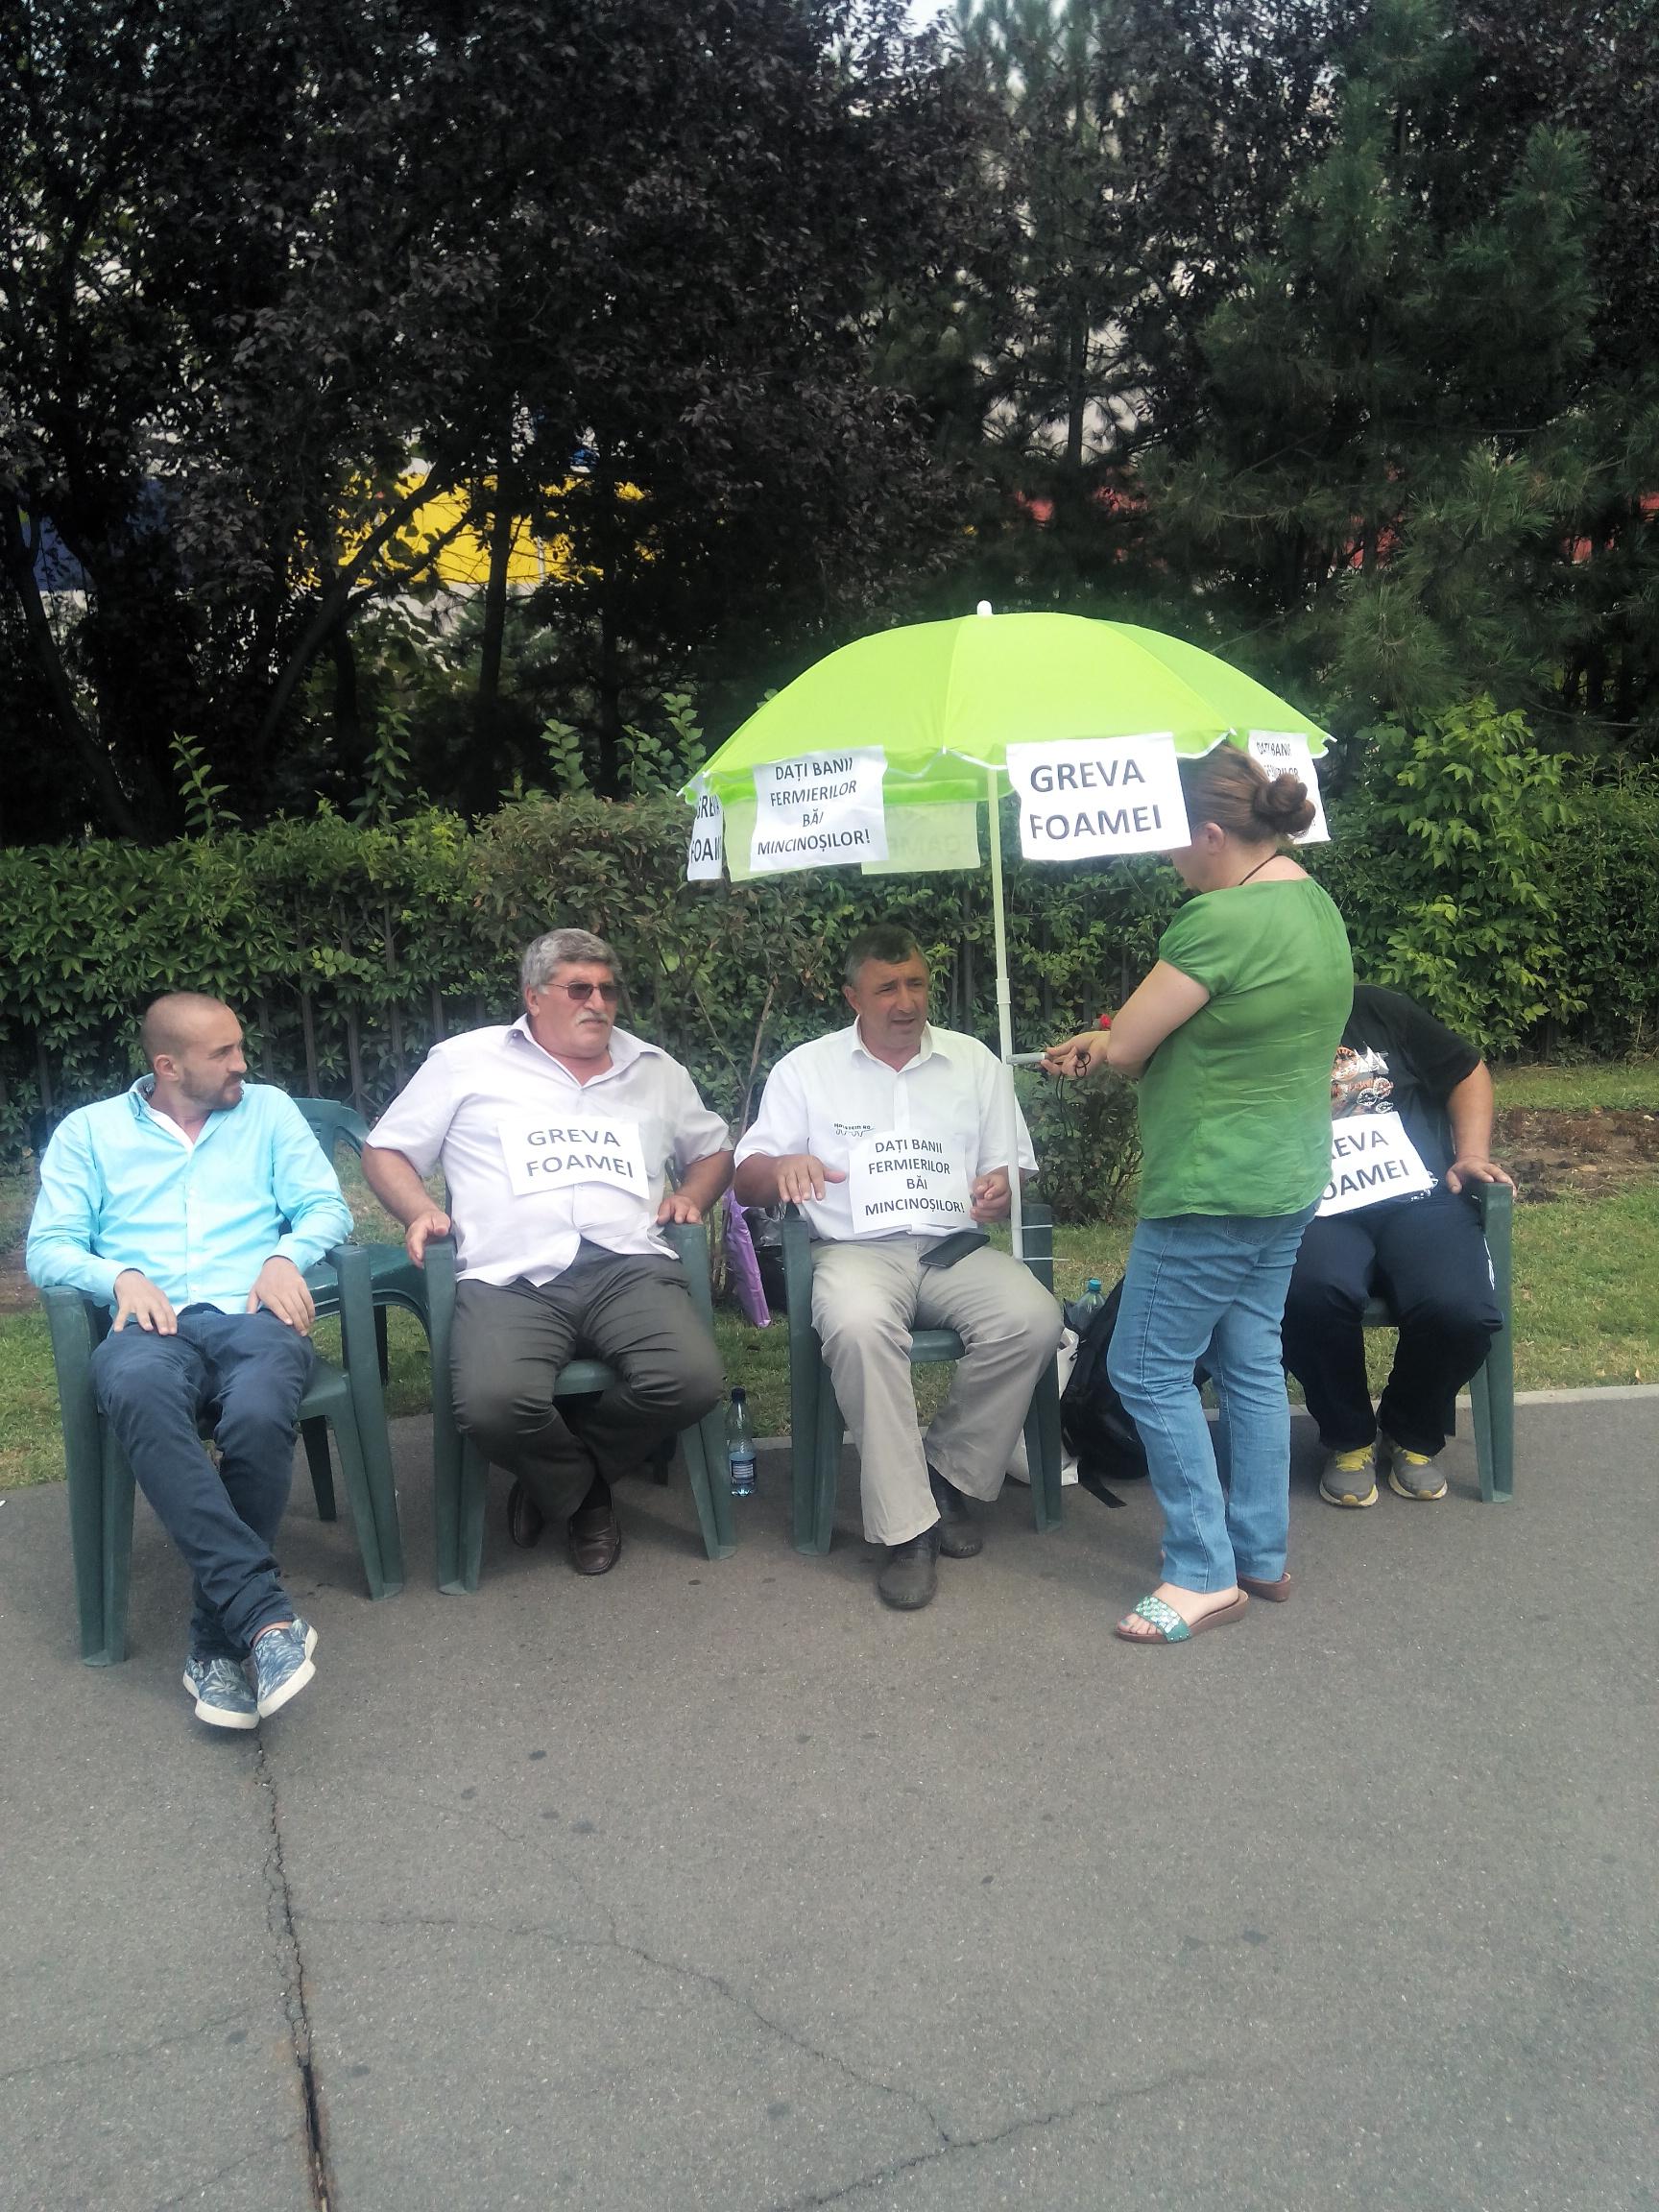 Costel Caras, in greva foamei la Guvern: Irimescu, du-te acasa, du-te la Bruxelles! Ciolos e in vacanta